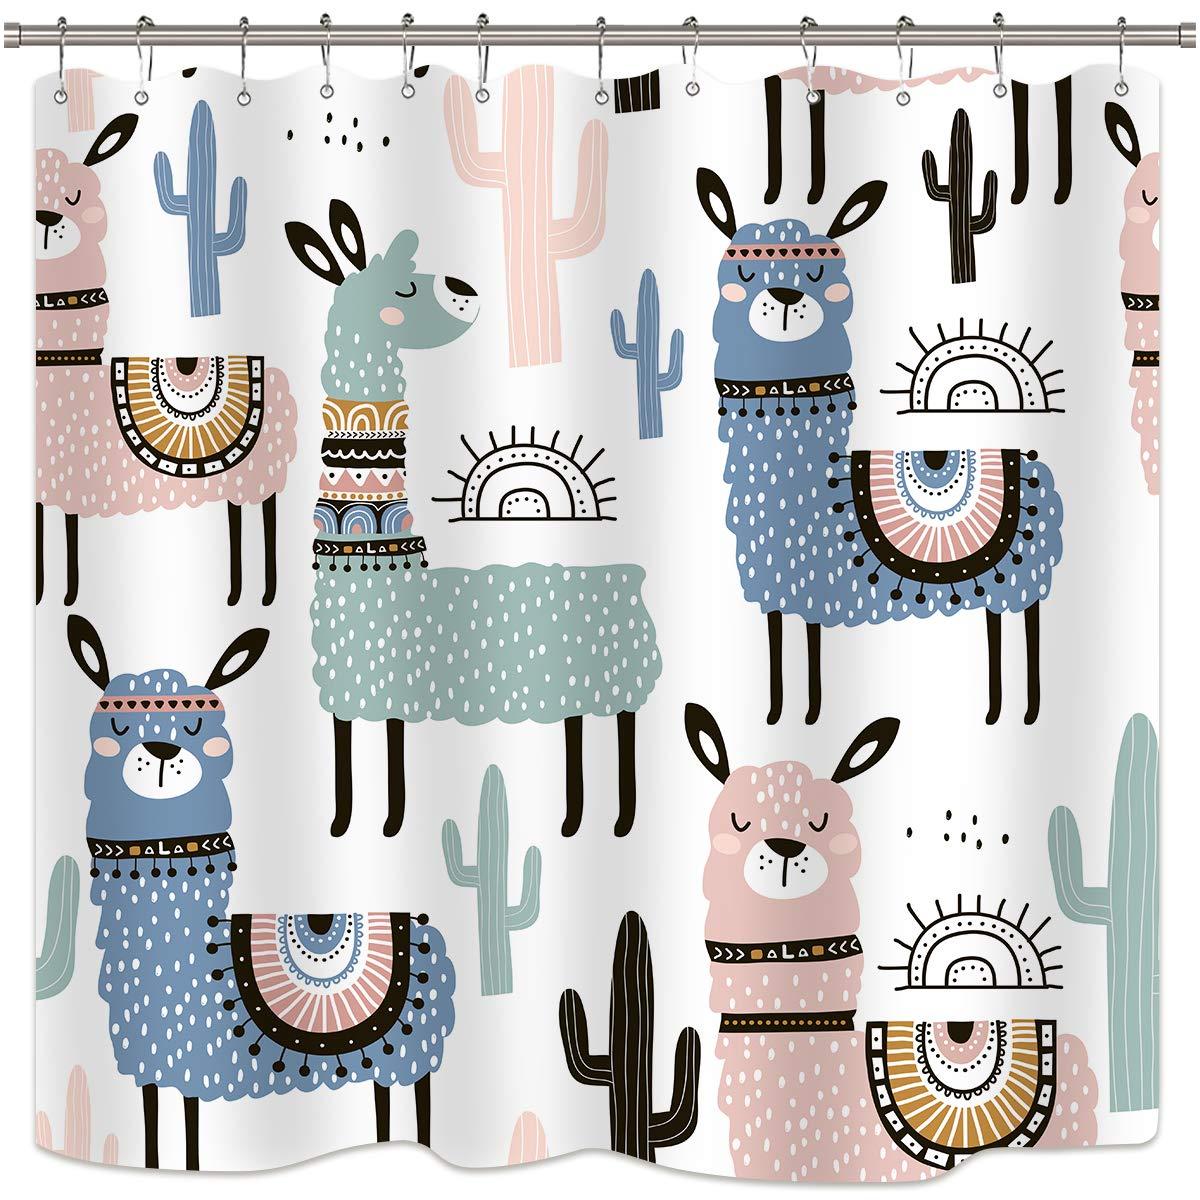 Dibujos animados de Alpaca animales colorido Llama Cactus lindo Lama baño Decoración